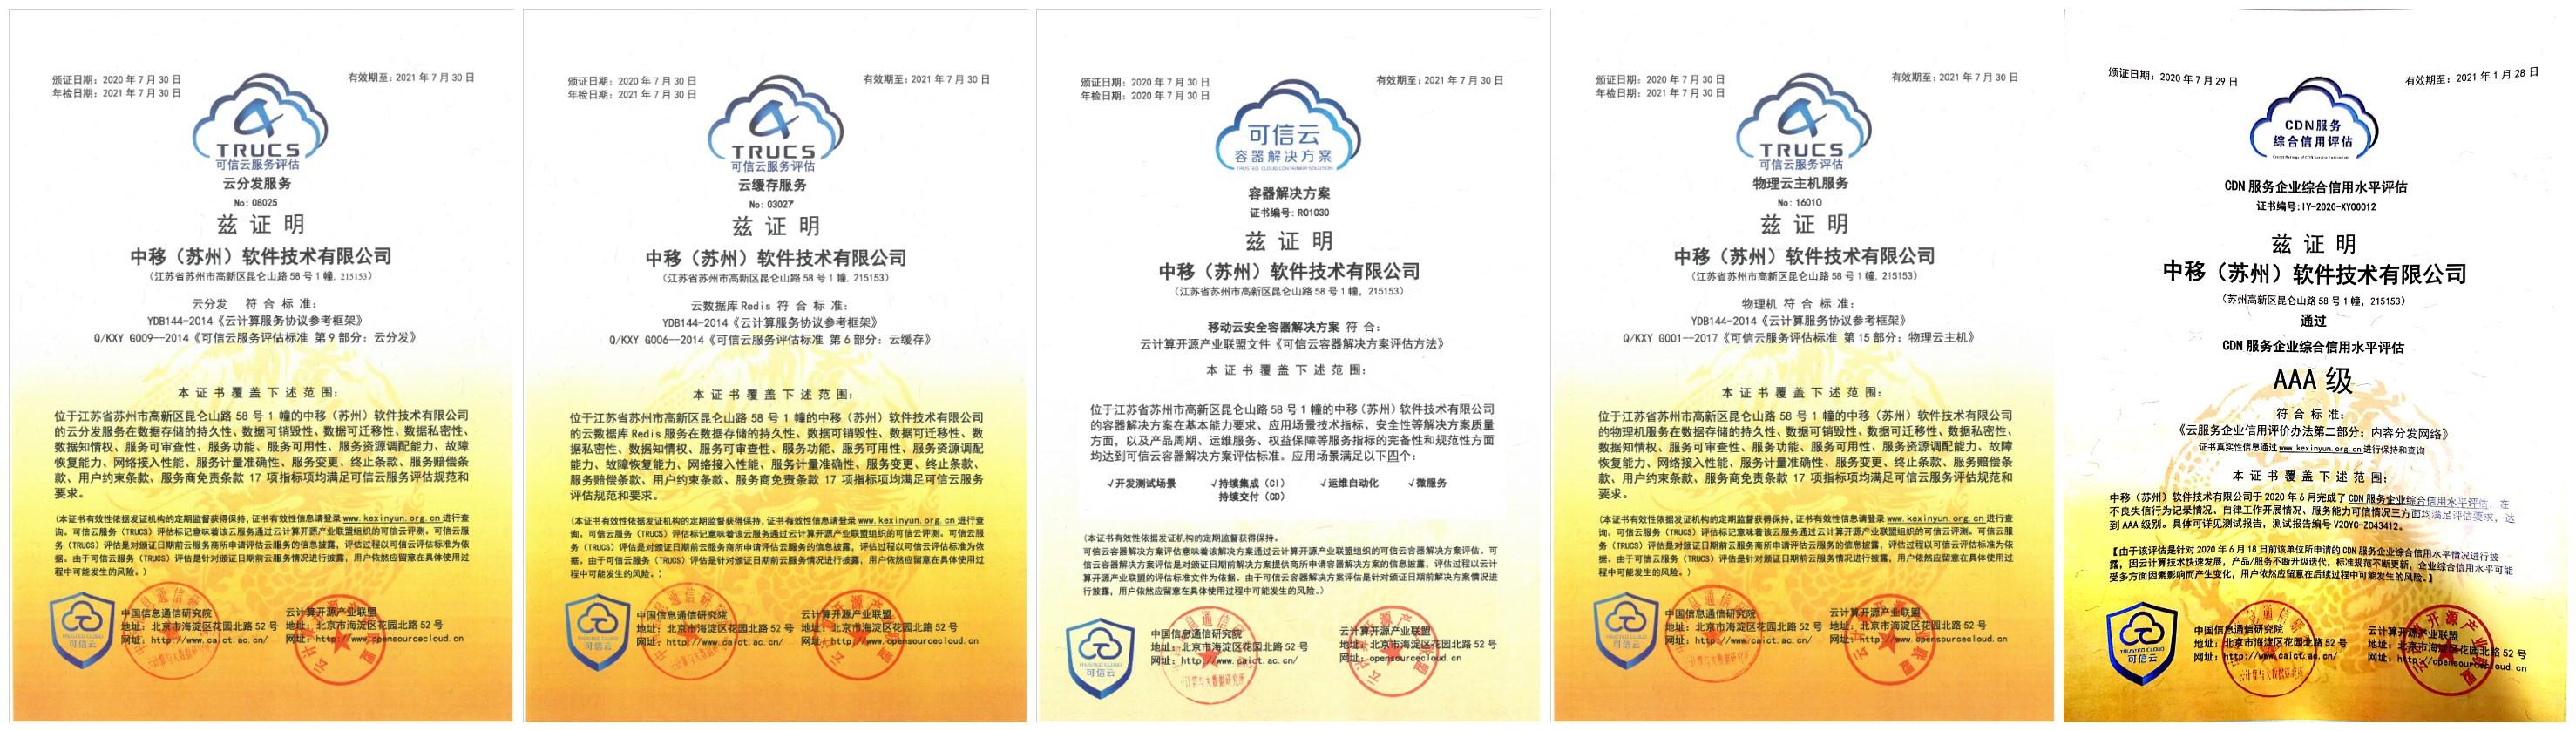 官宣丨中国移动云能力中心新增5项可信云认证,斩获2项大奖!